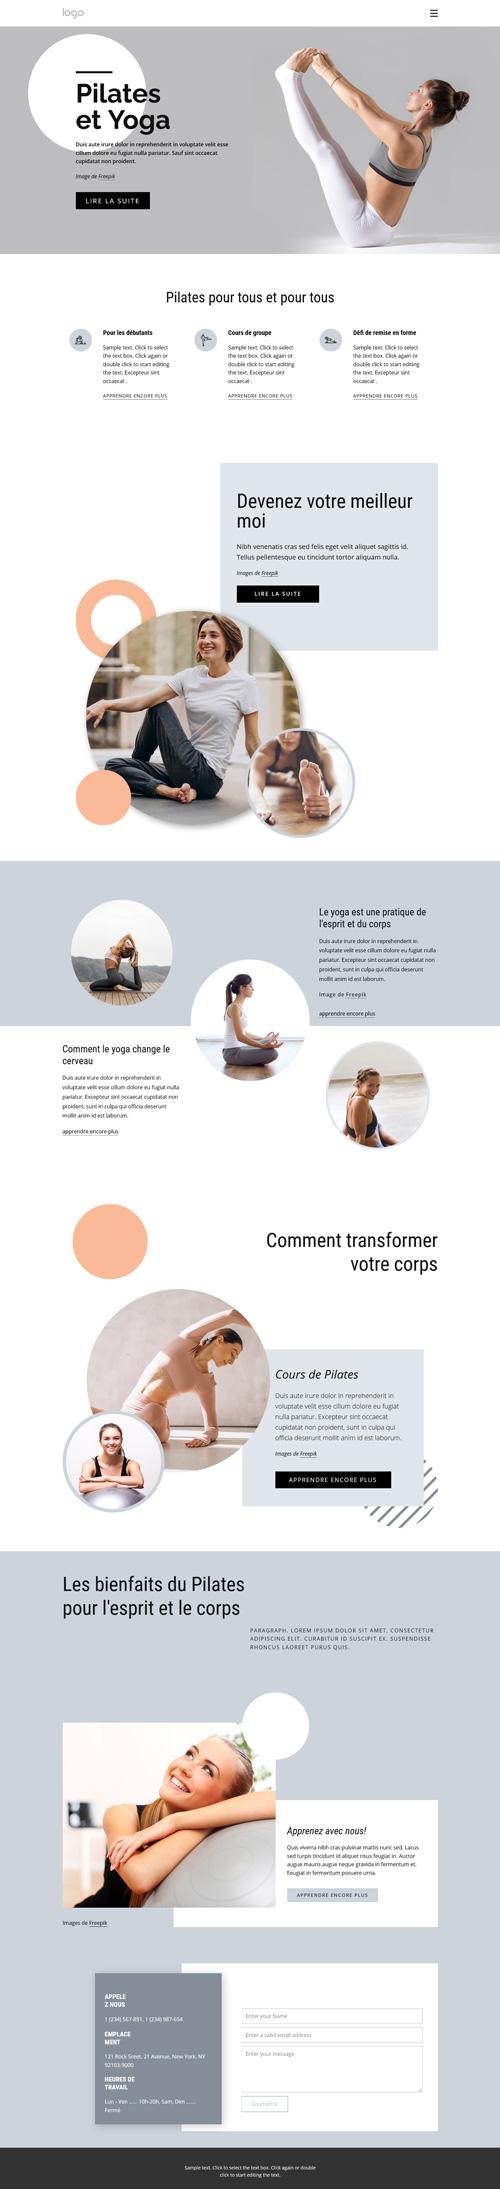 Exemple thème graphique sport yoga